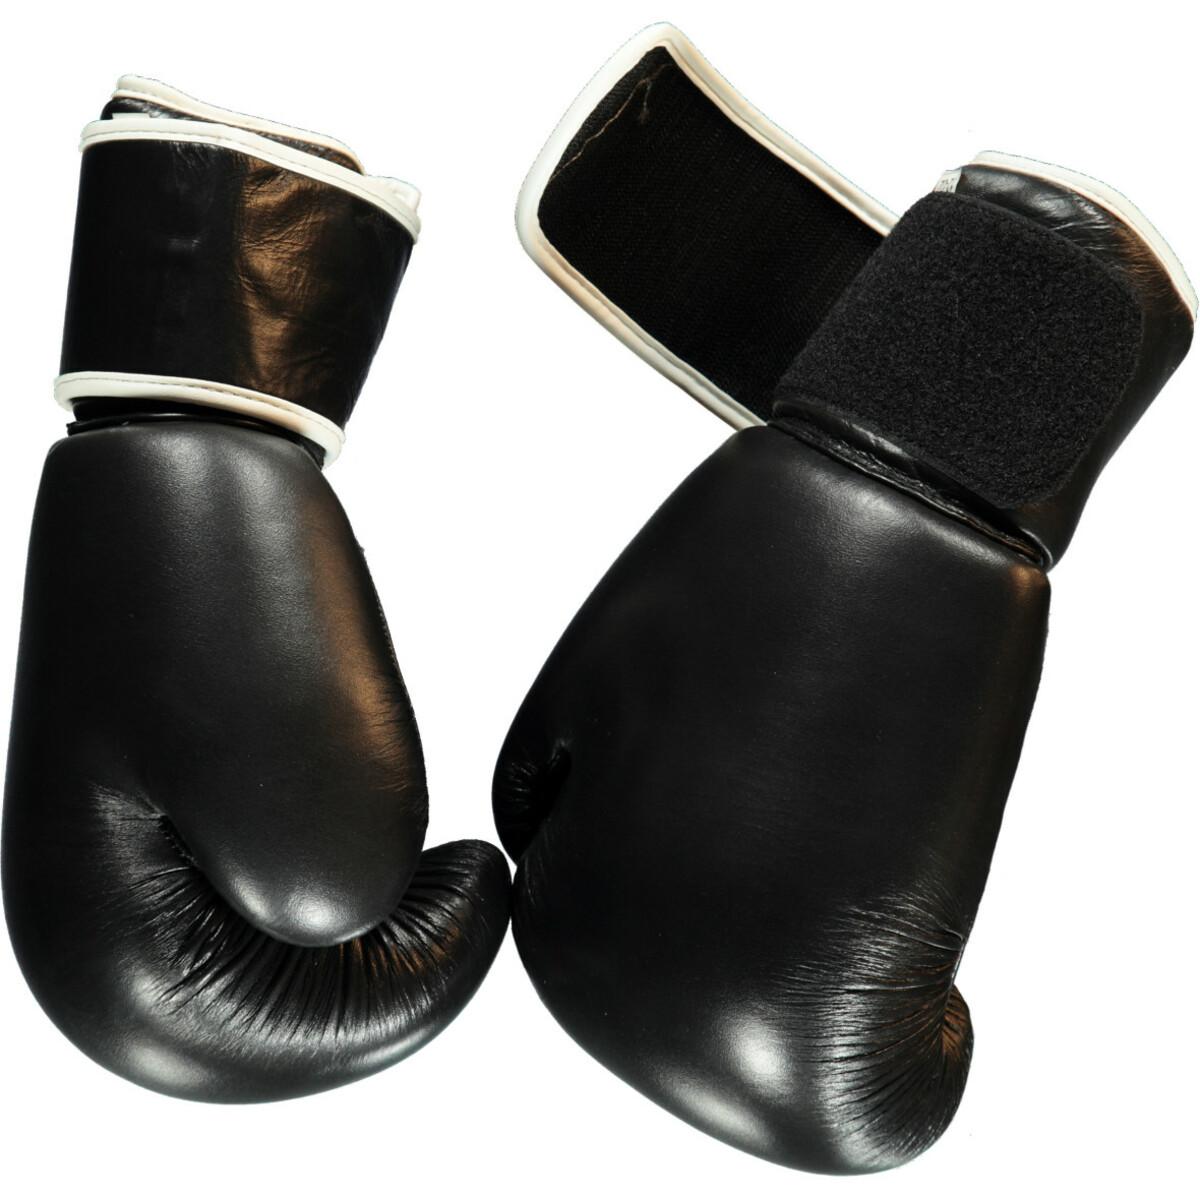 Bild 2 von Box Handschuhe